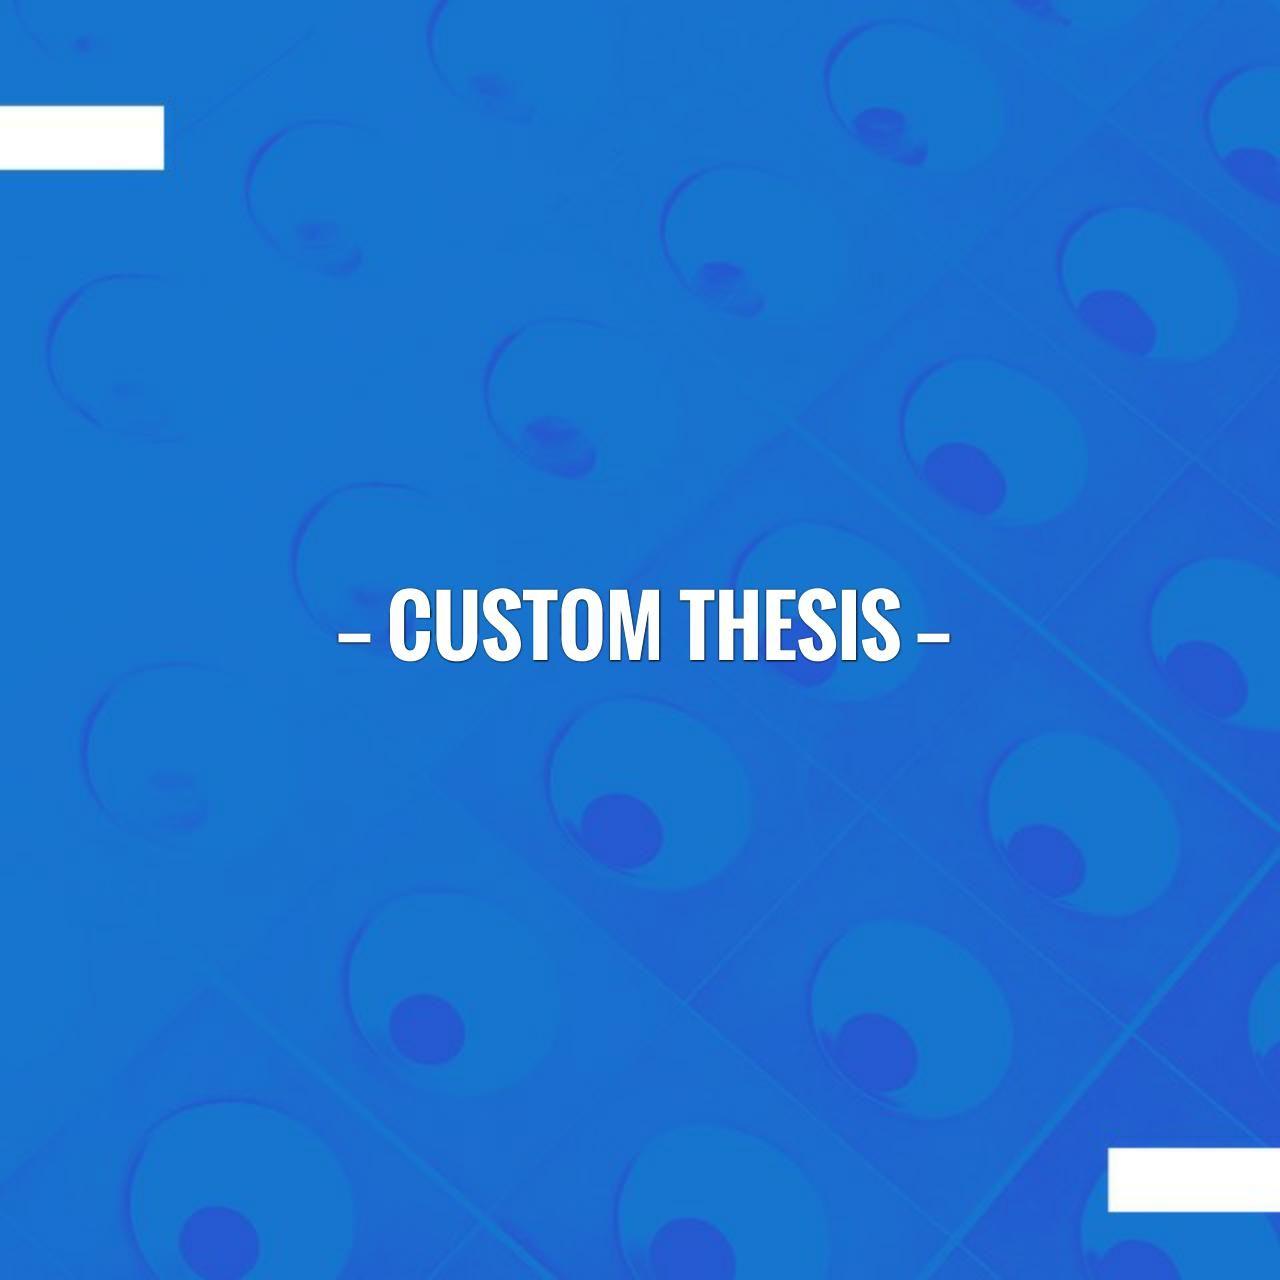 Thesis custom post loop